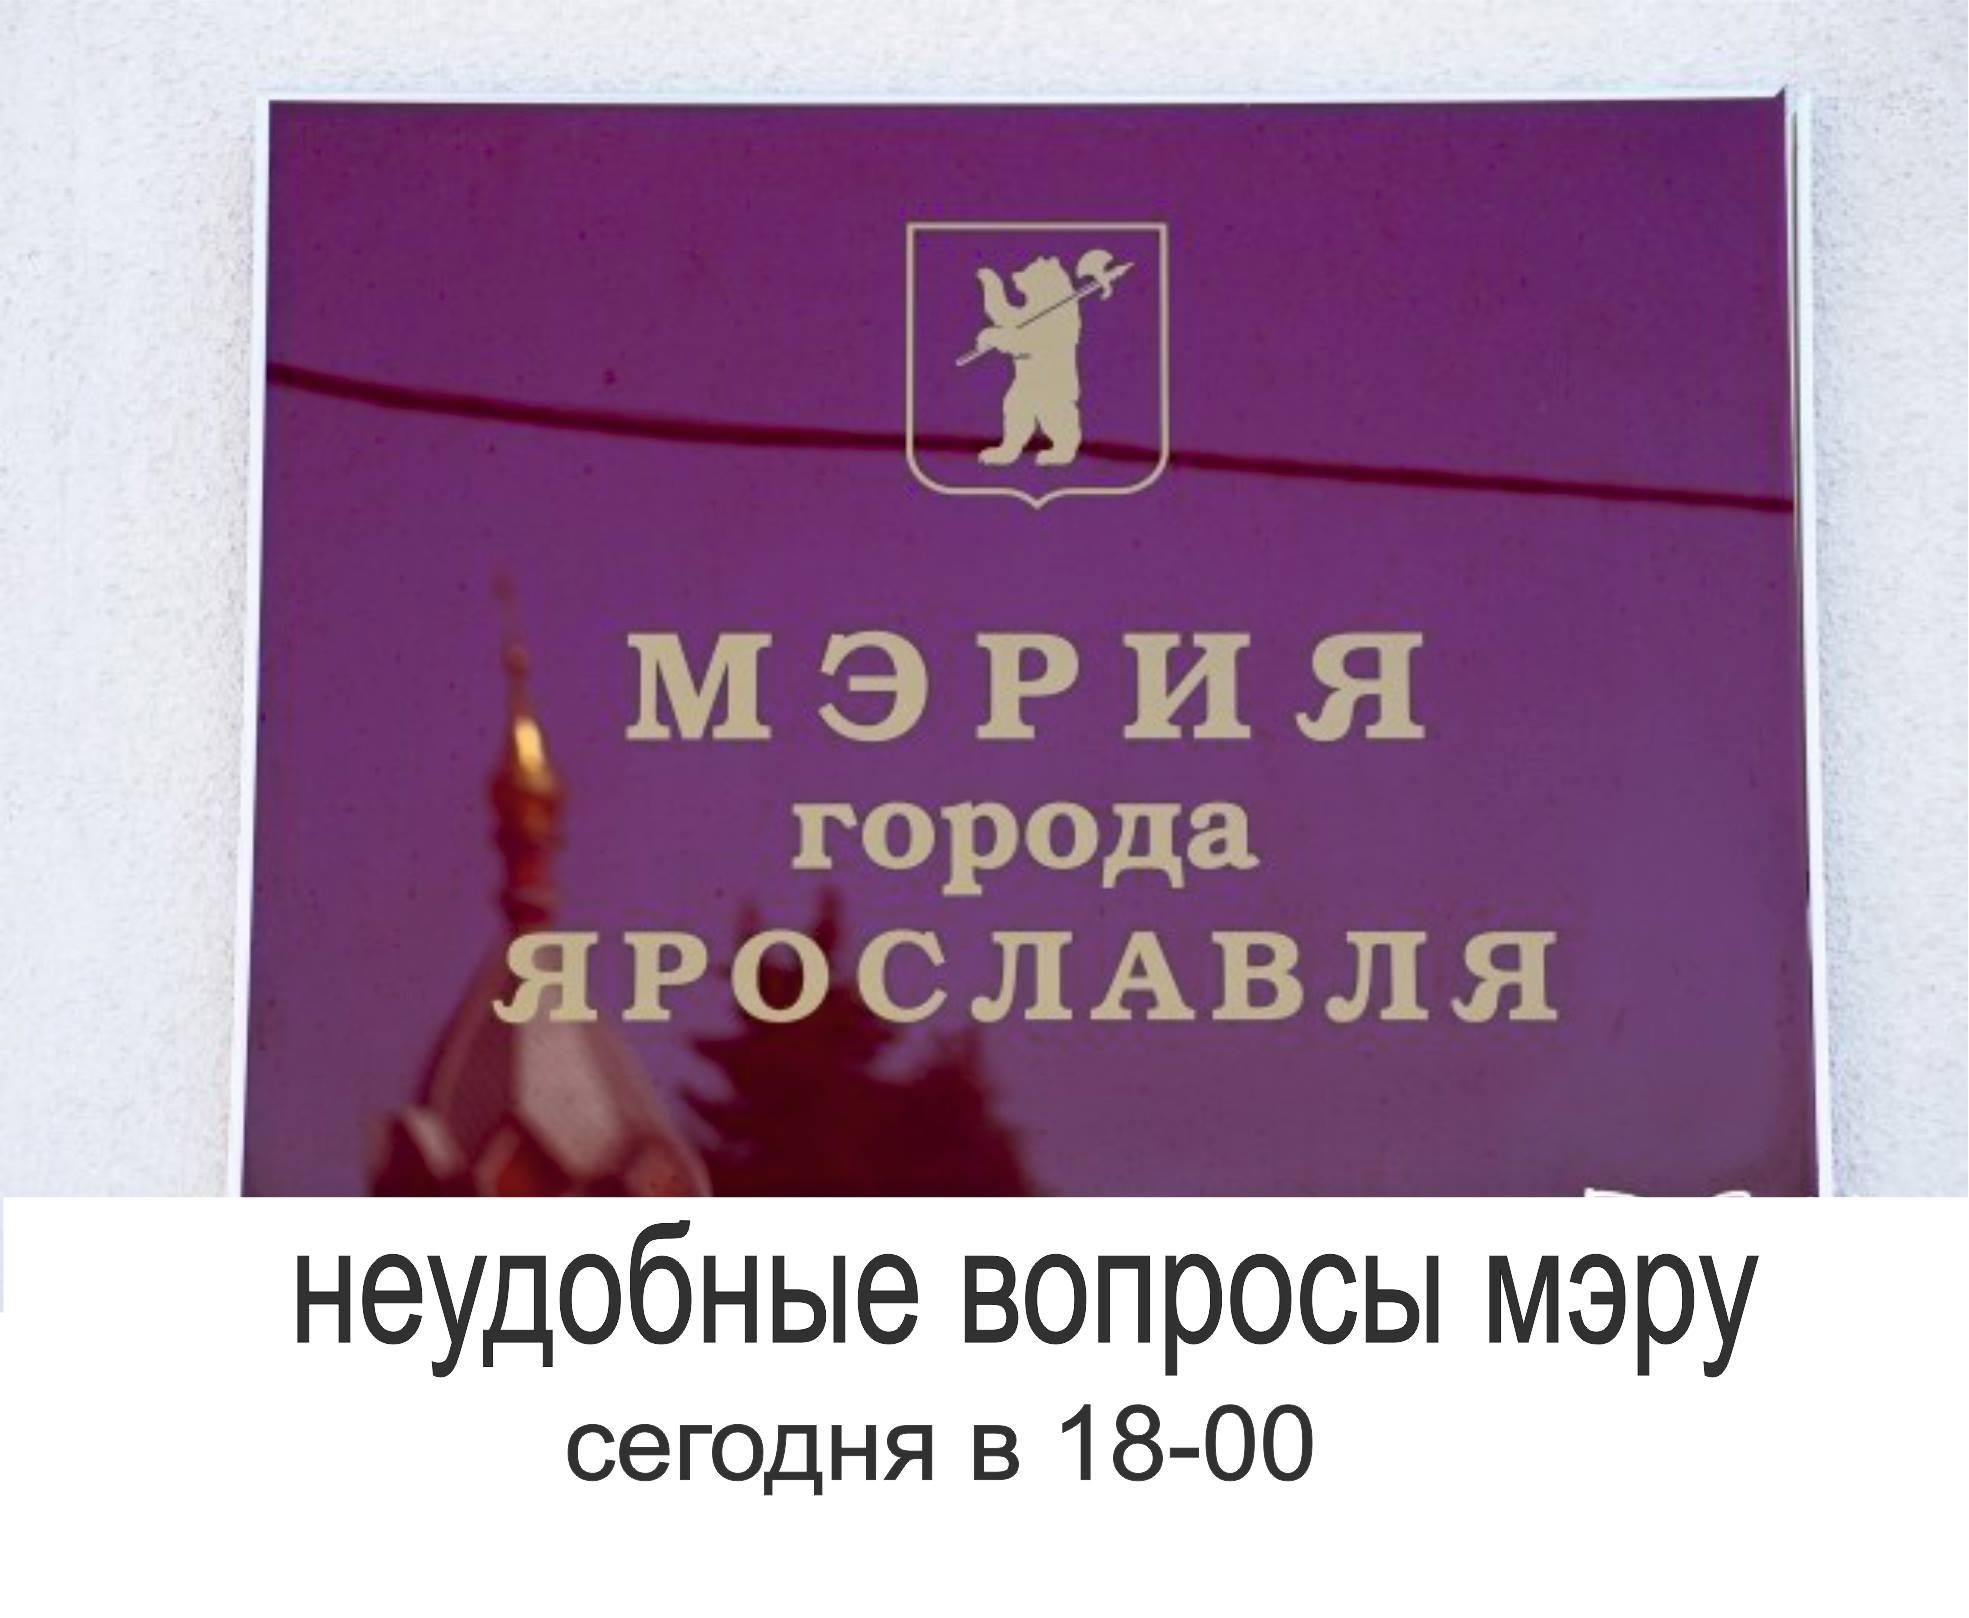 Сегодня депутаты муниципалитета от КПРФ встретятся с мэром Ярославля